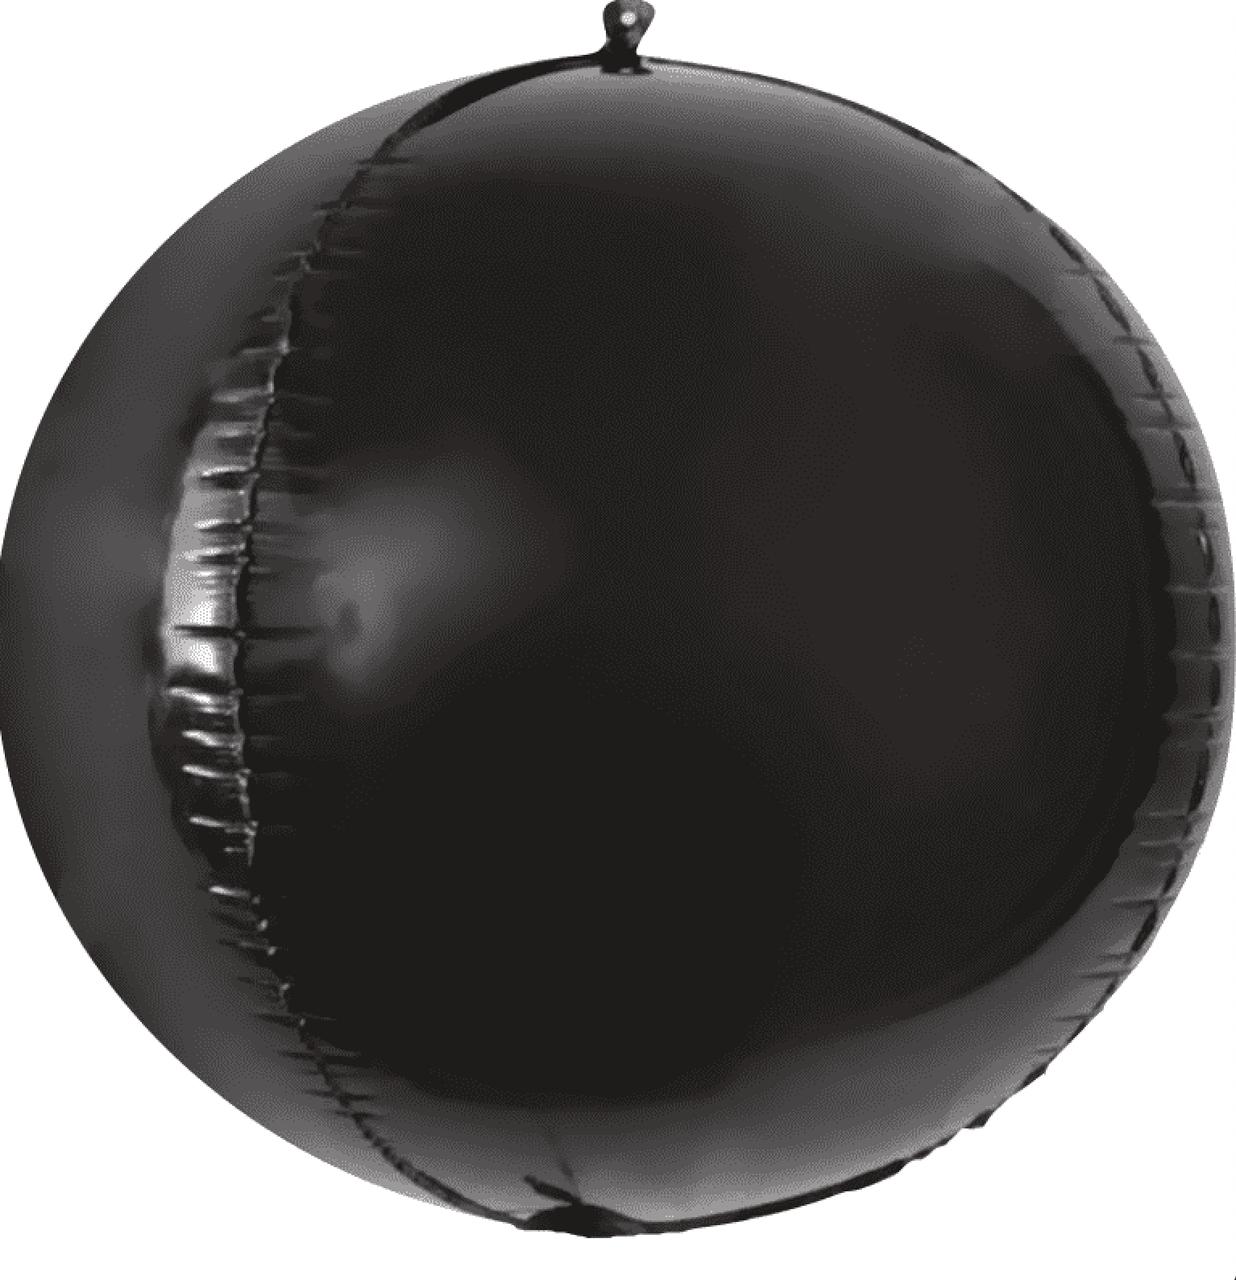 Фольгированный шар 20' Китай Сфера черная, 50 см